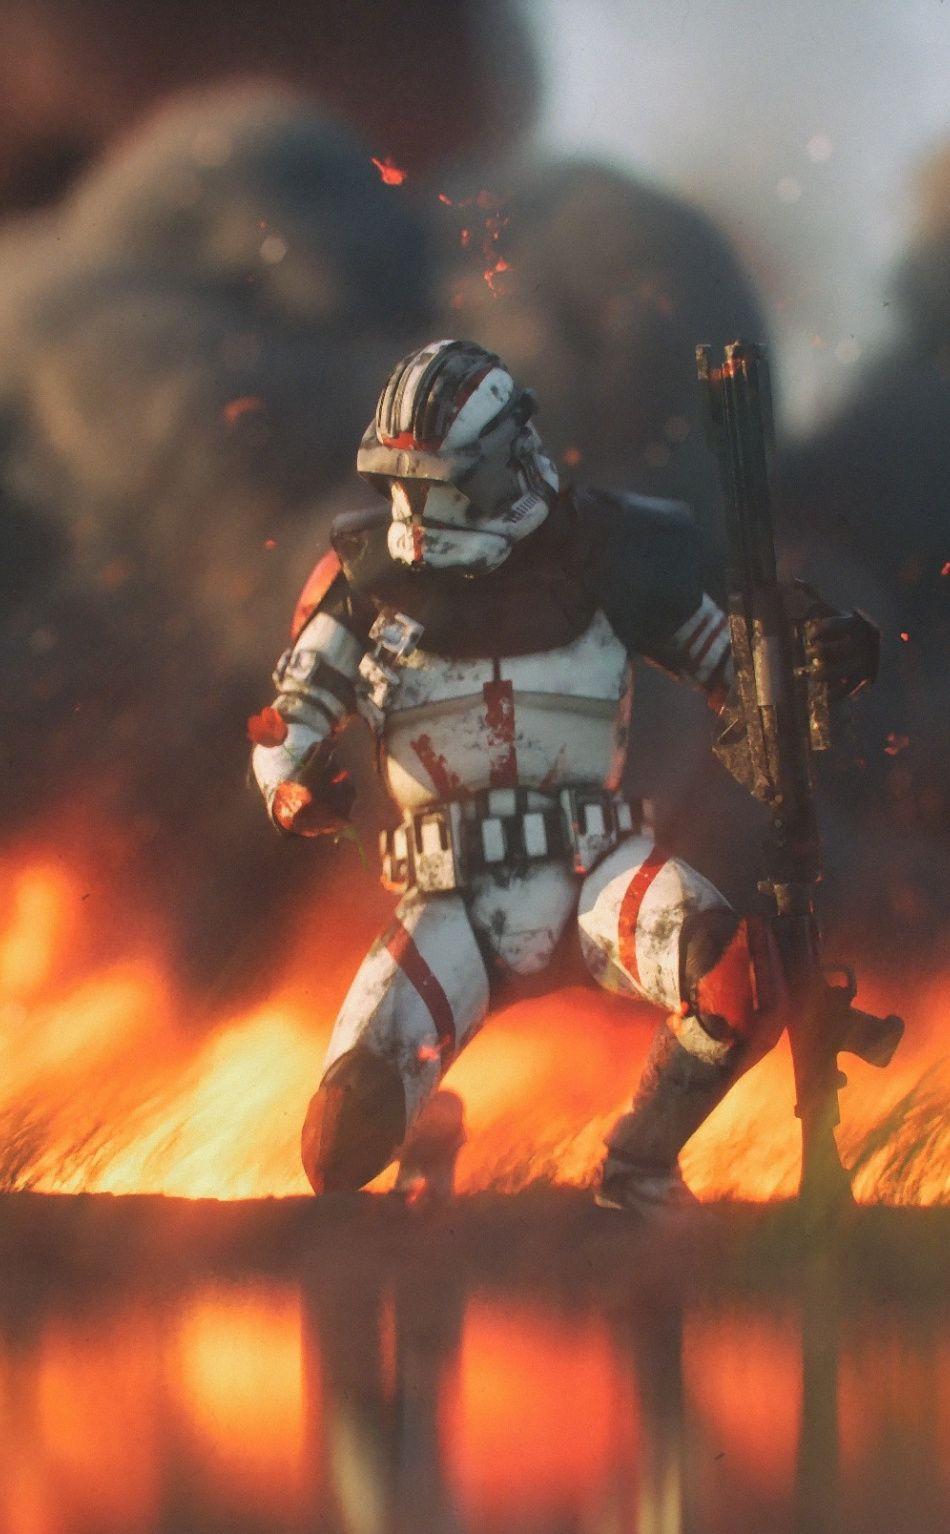 Clone Trooper Star Wars Fire 950x1534 Wallpaper Star Wars Painting Star Wars Pictures Star Wars Images